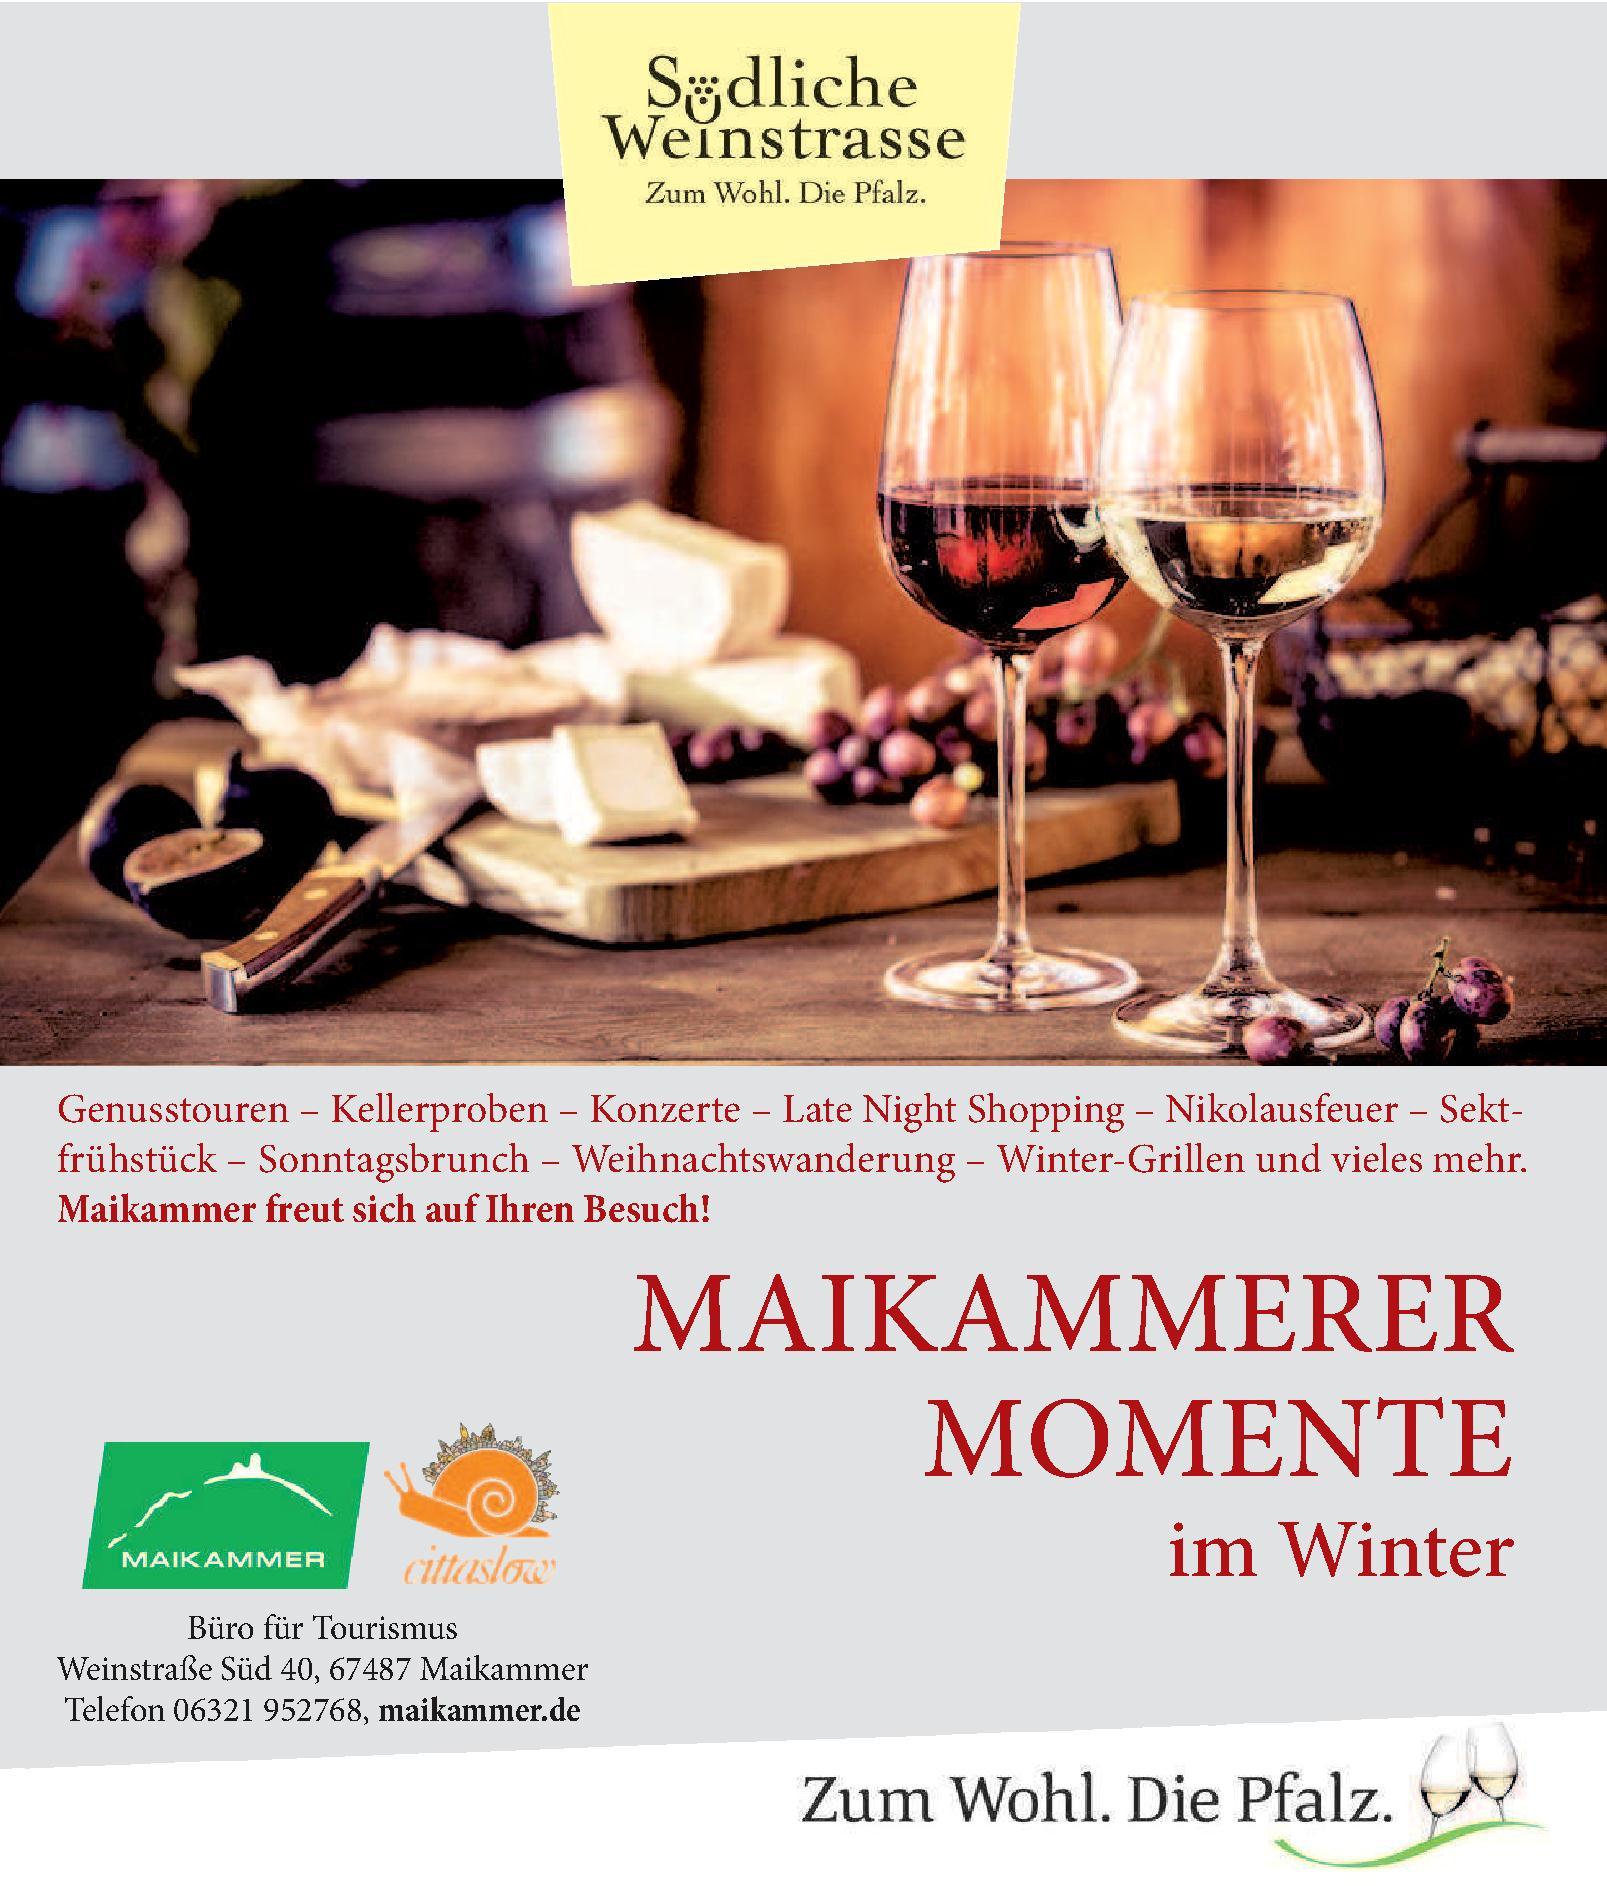 Maikammerer Momente im Winter